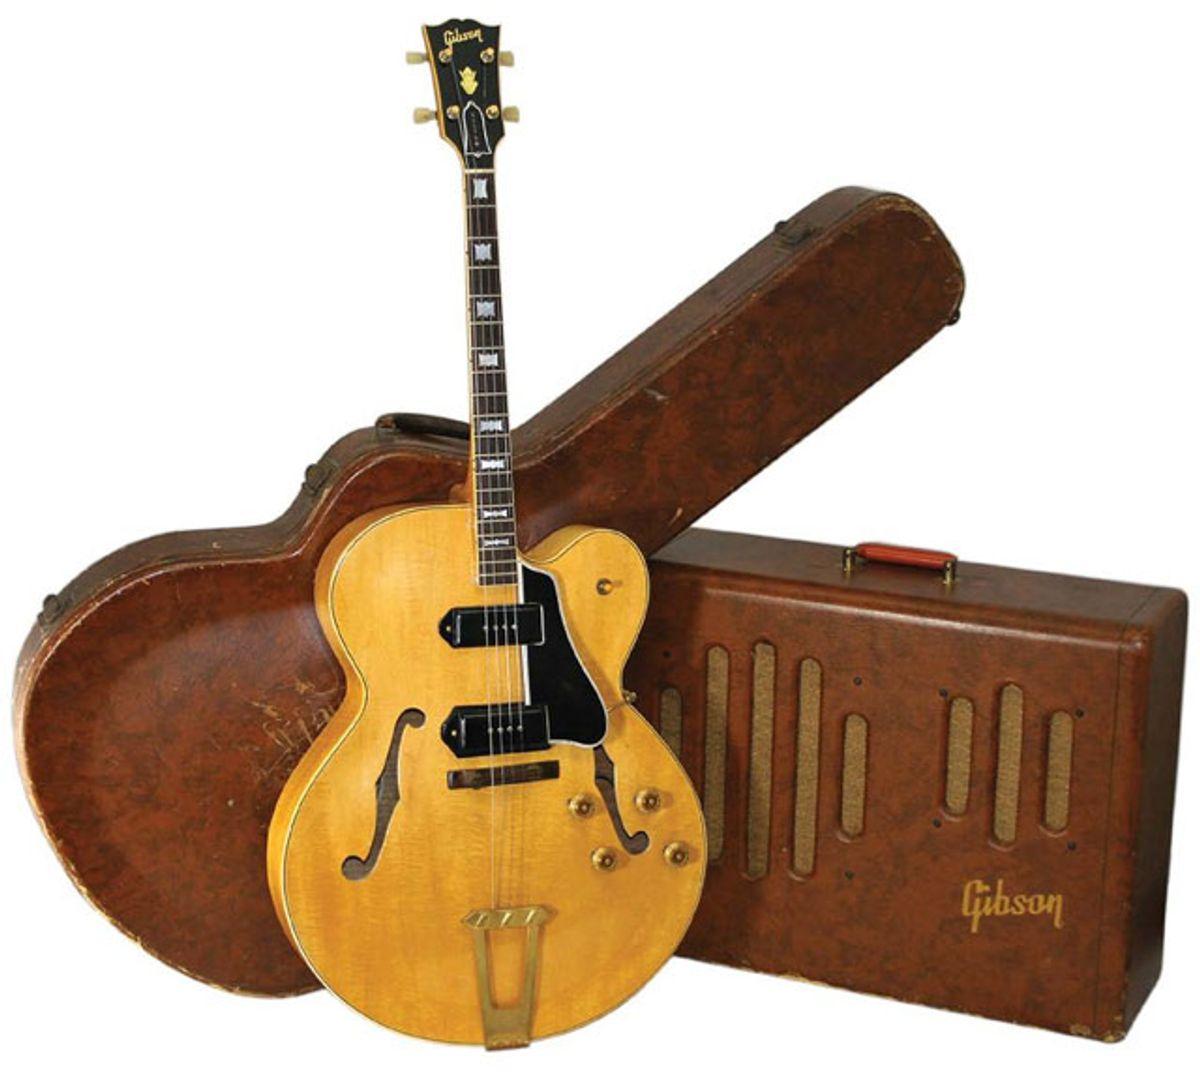 Gibson ES-350 Tenor Guitar #A-5824